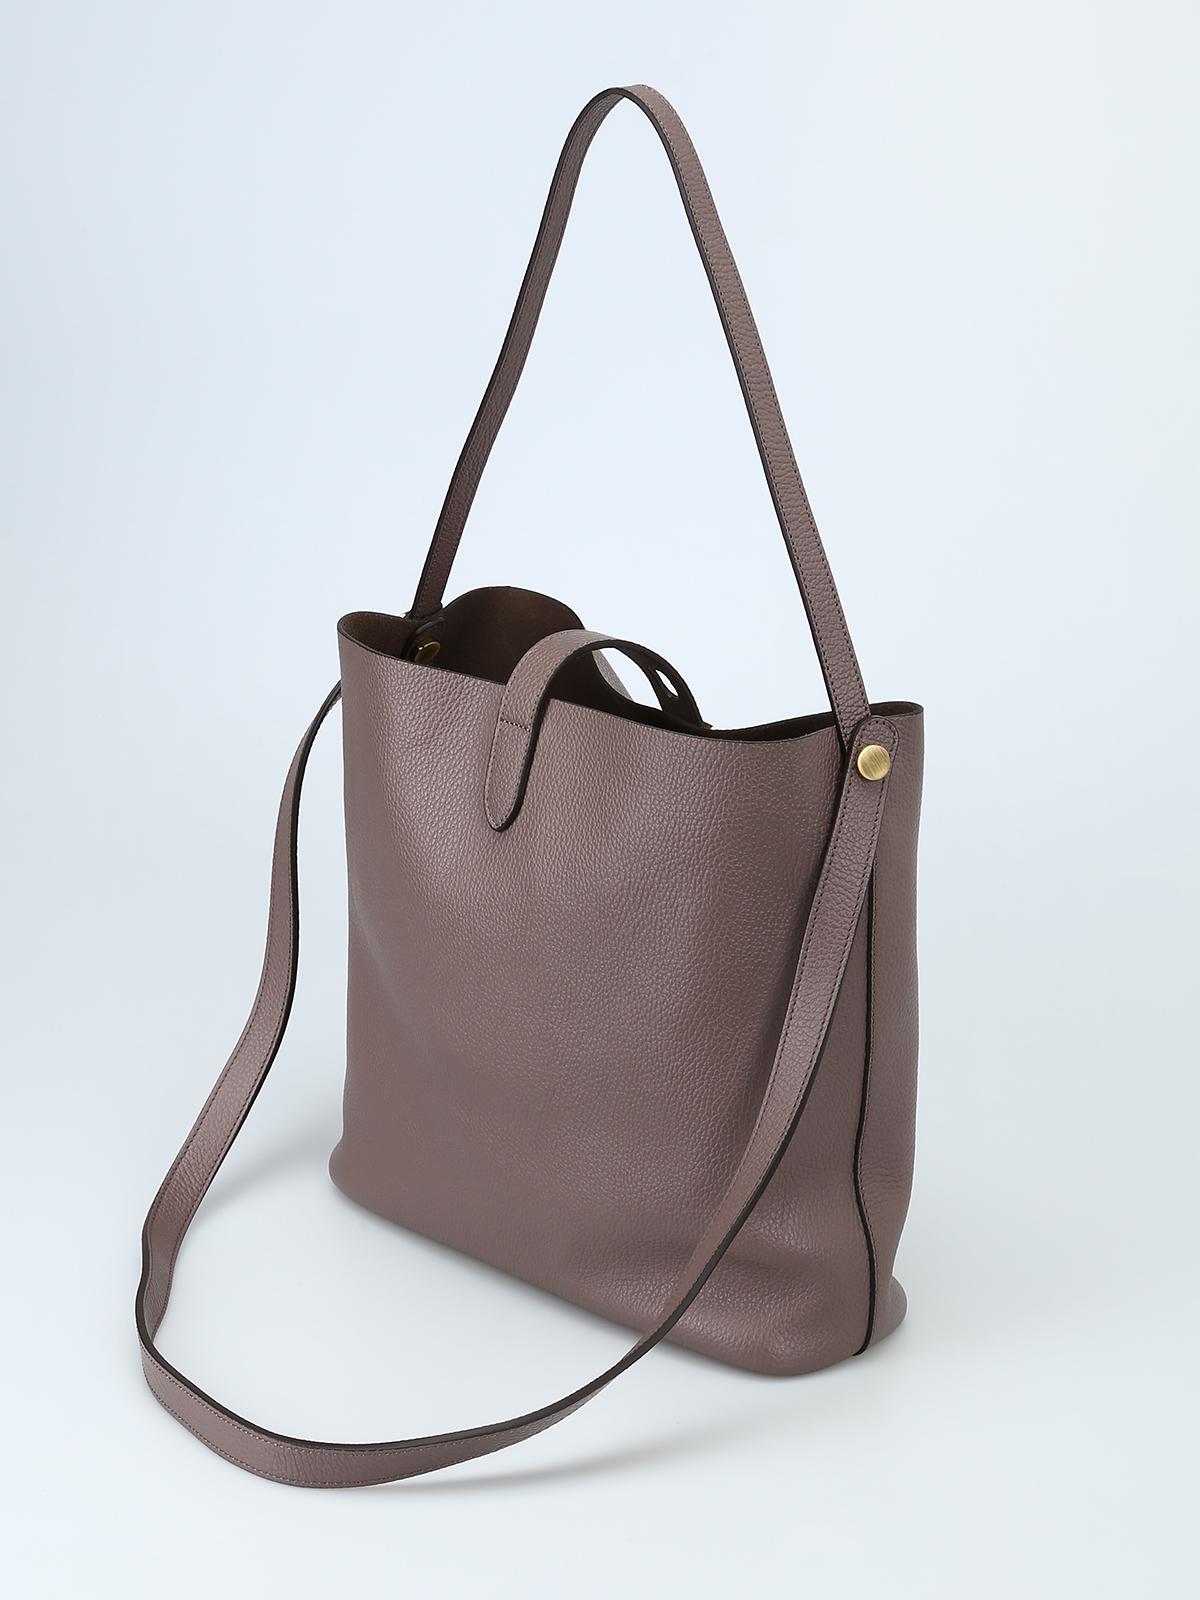 Shoulder bags Hogan - Hobo Iconic M leather shoulder bag ...